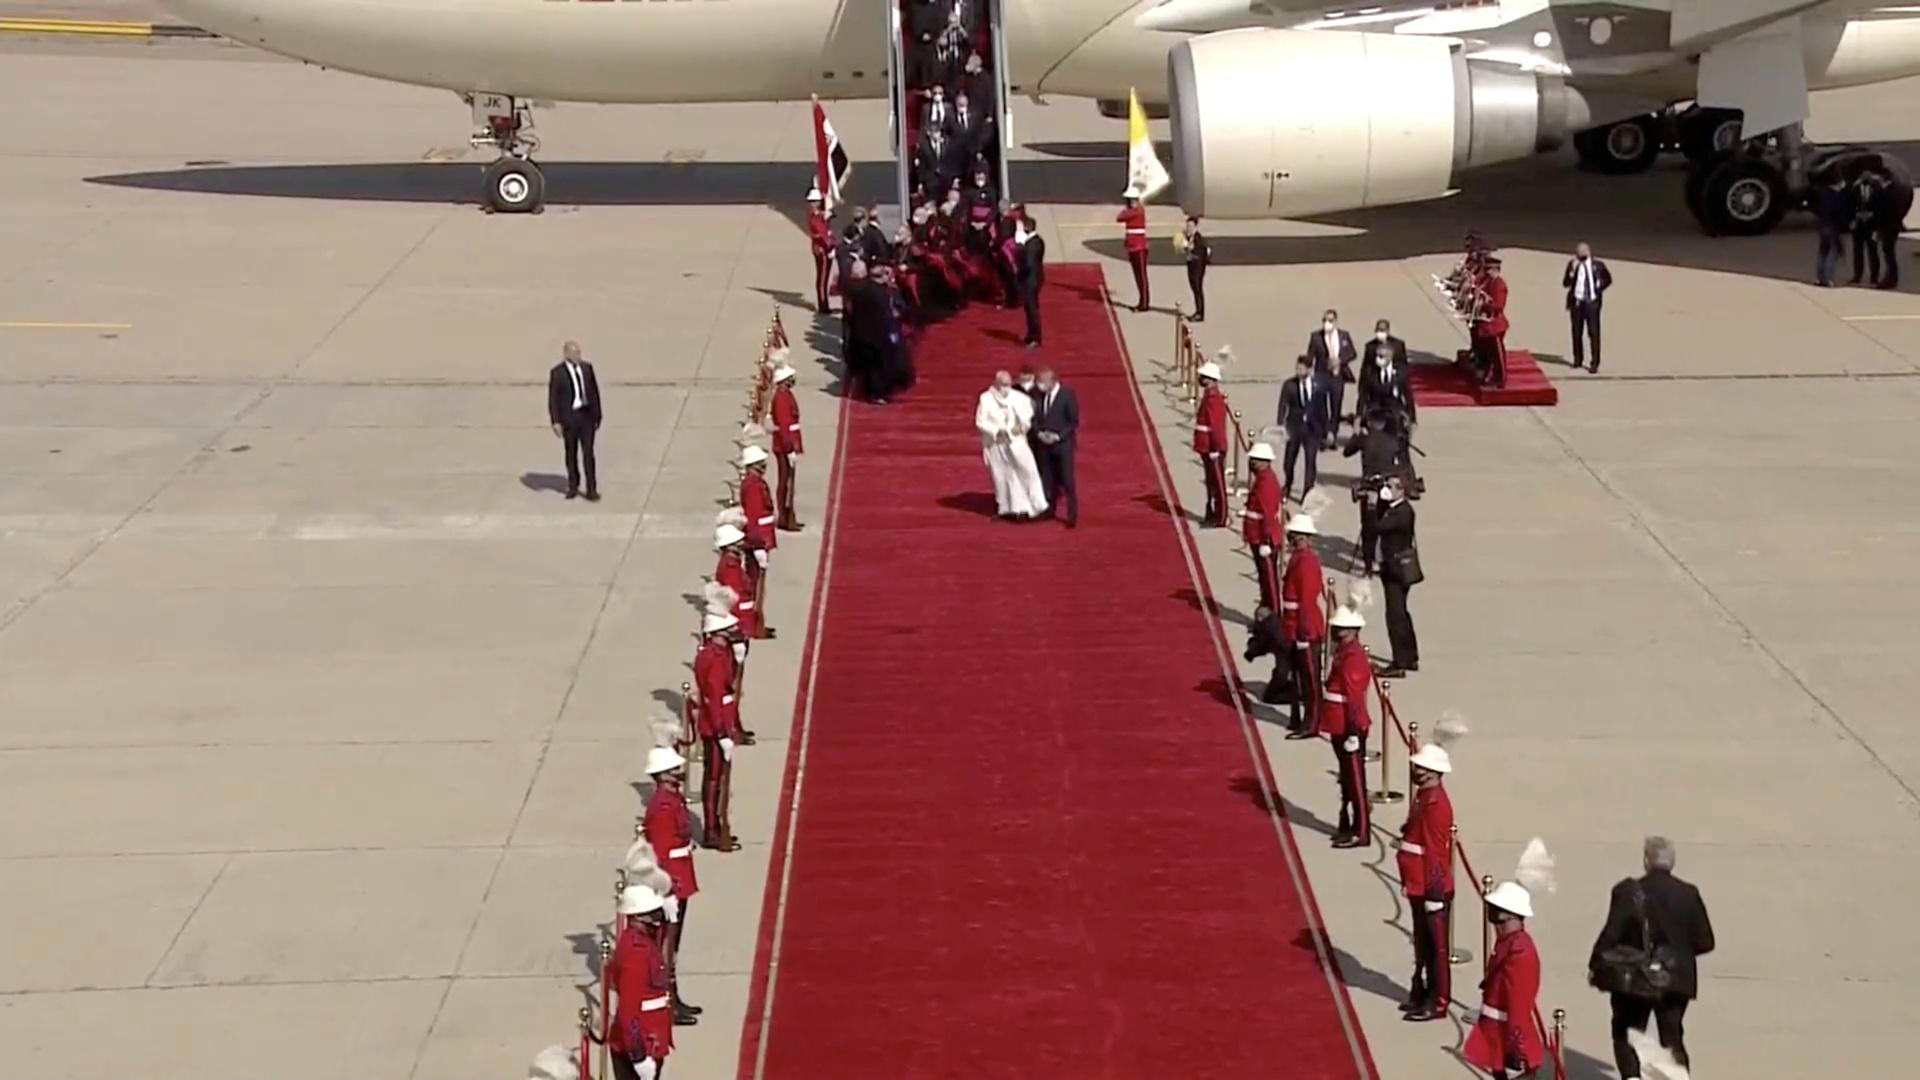 زيارة البابا فرنسيس التاريخية إلى العراق في صور